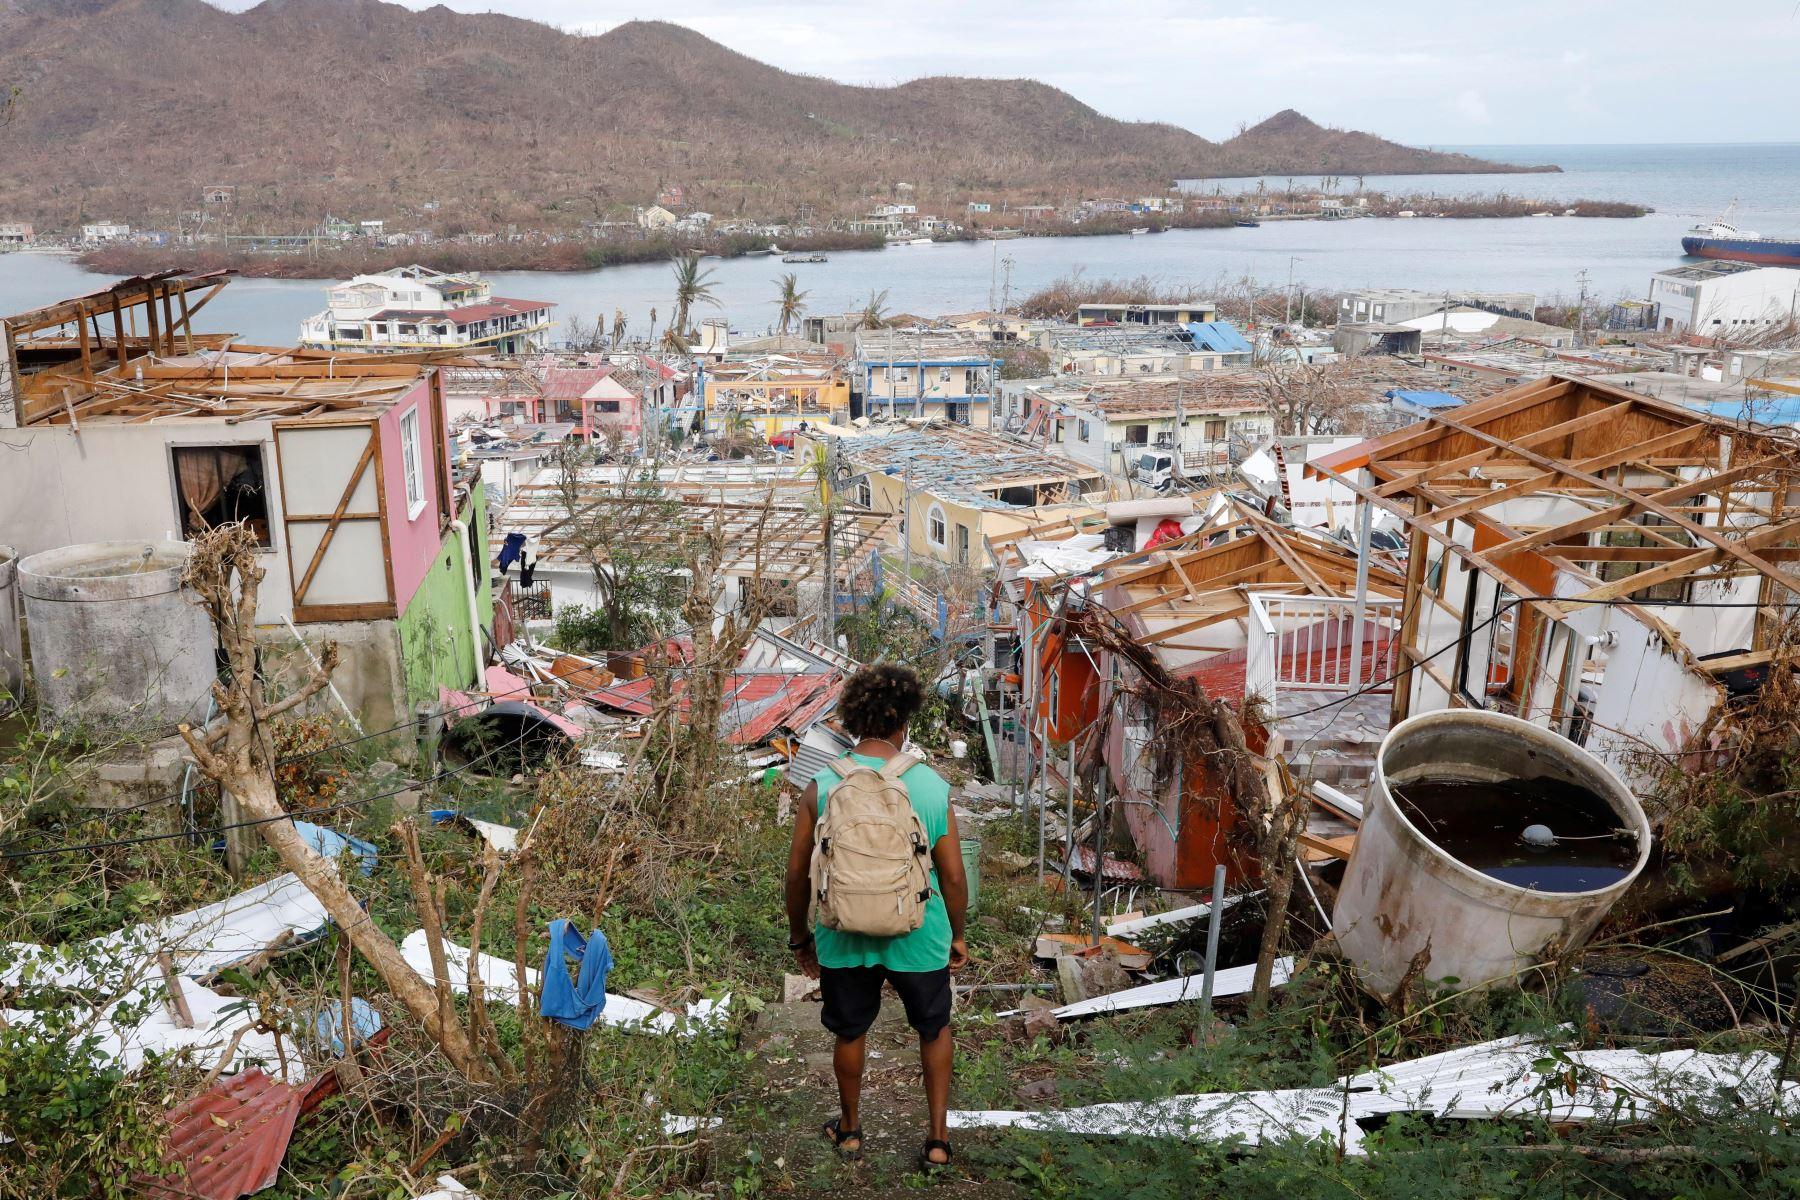 Desolación, incertidumbre y crisis económica tras el paso del huracán Iota en Providencia. Los habitantes de Providencia viven su día a día en medio de la angustia. Foto: AFP